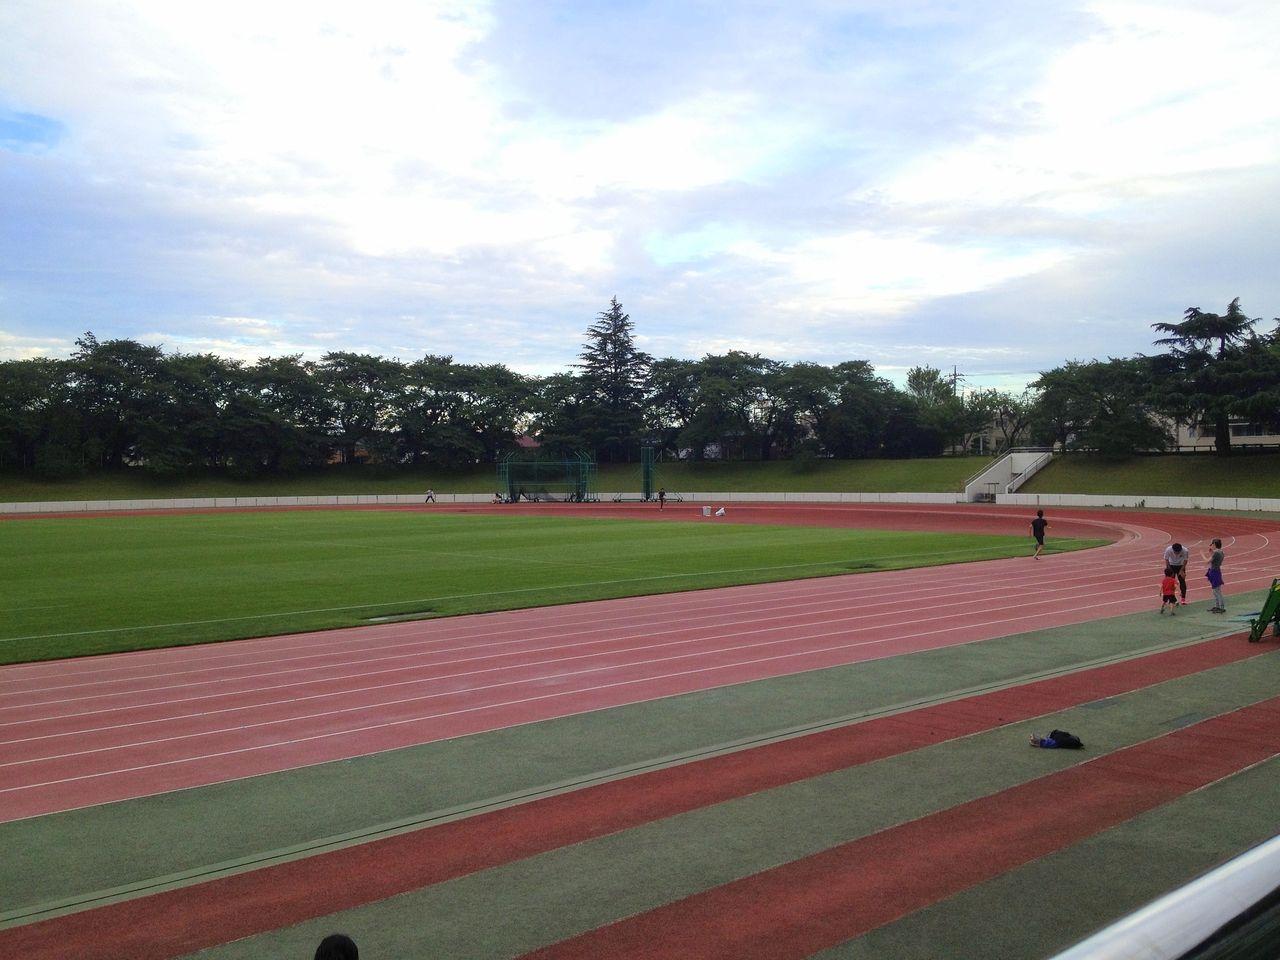 武蔵野体育館、武蔵野陸上競技場